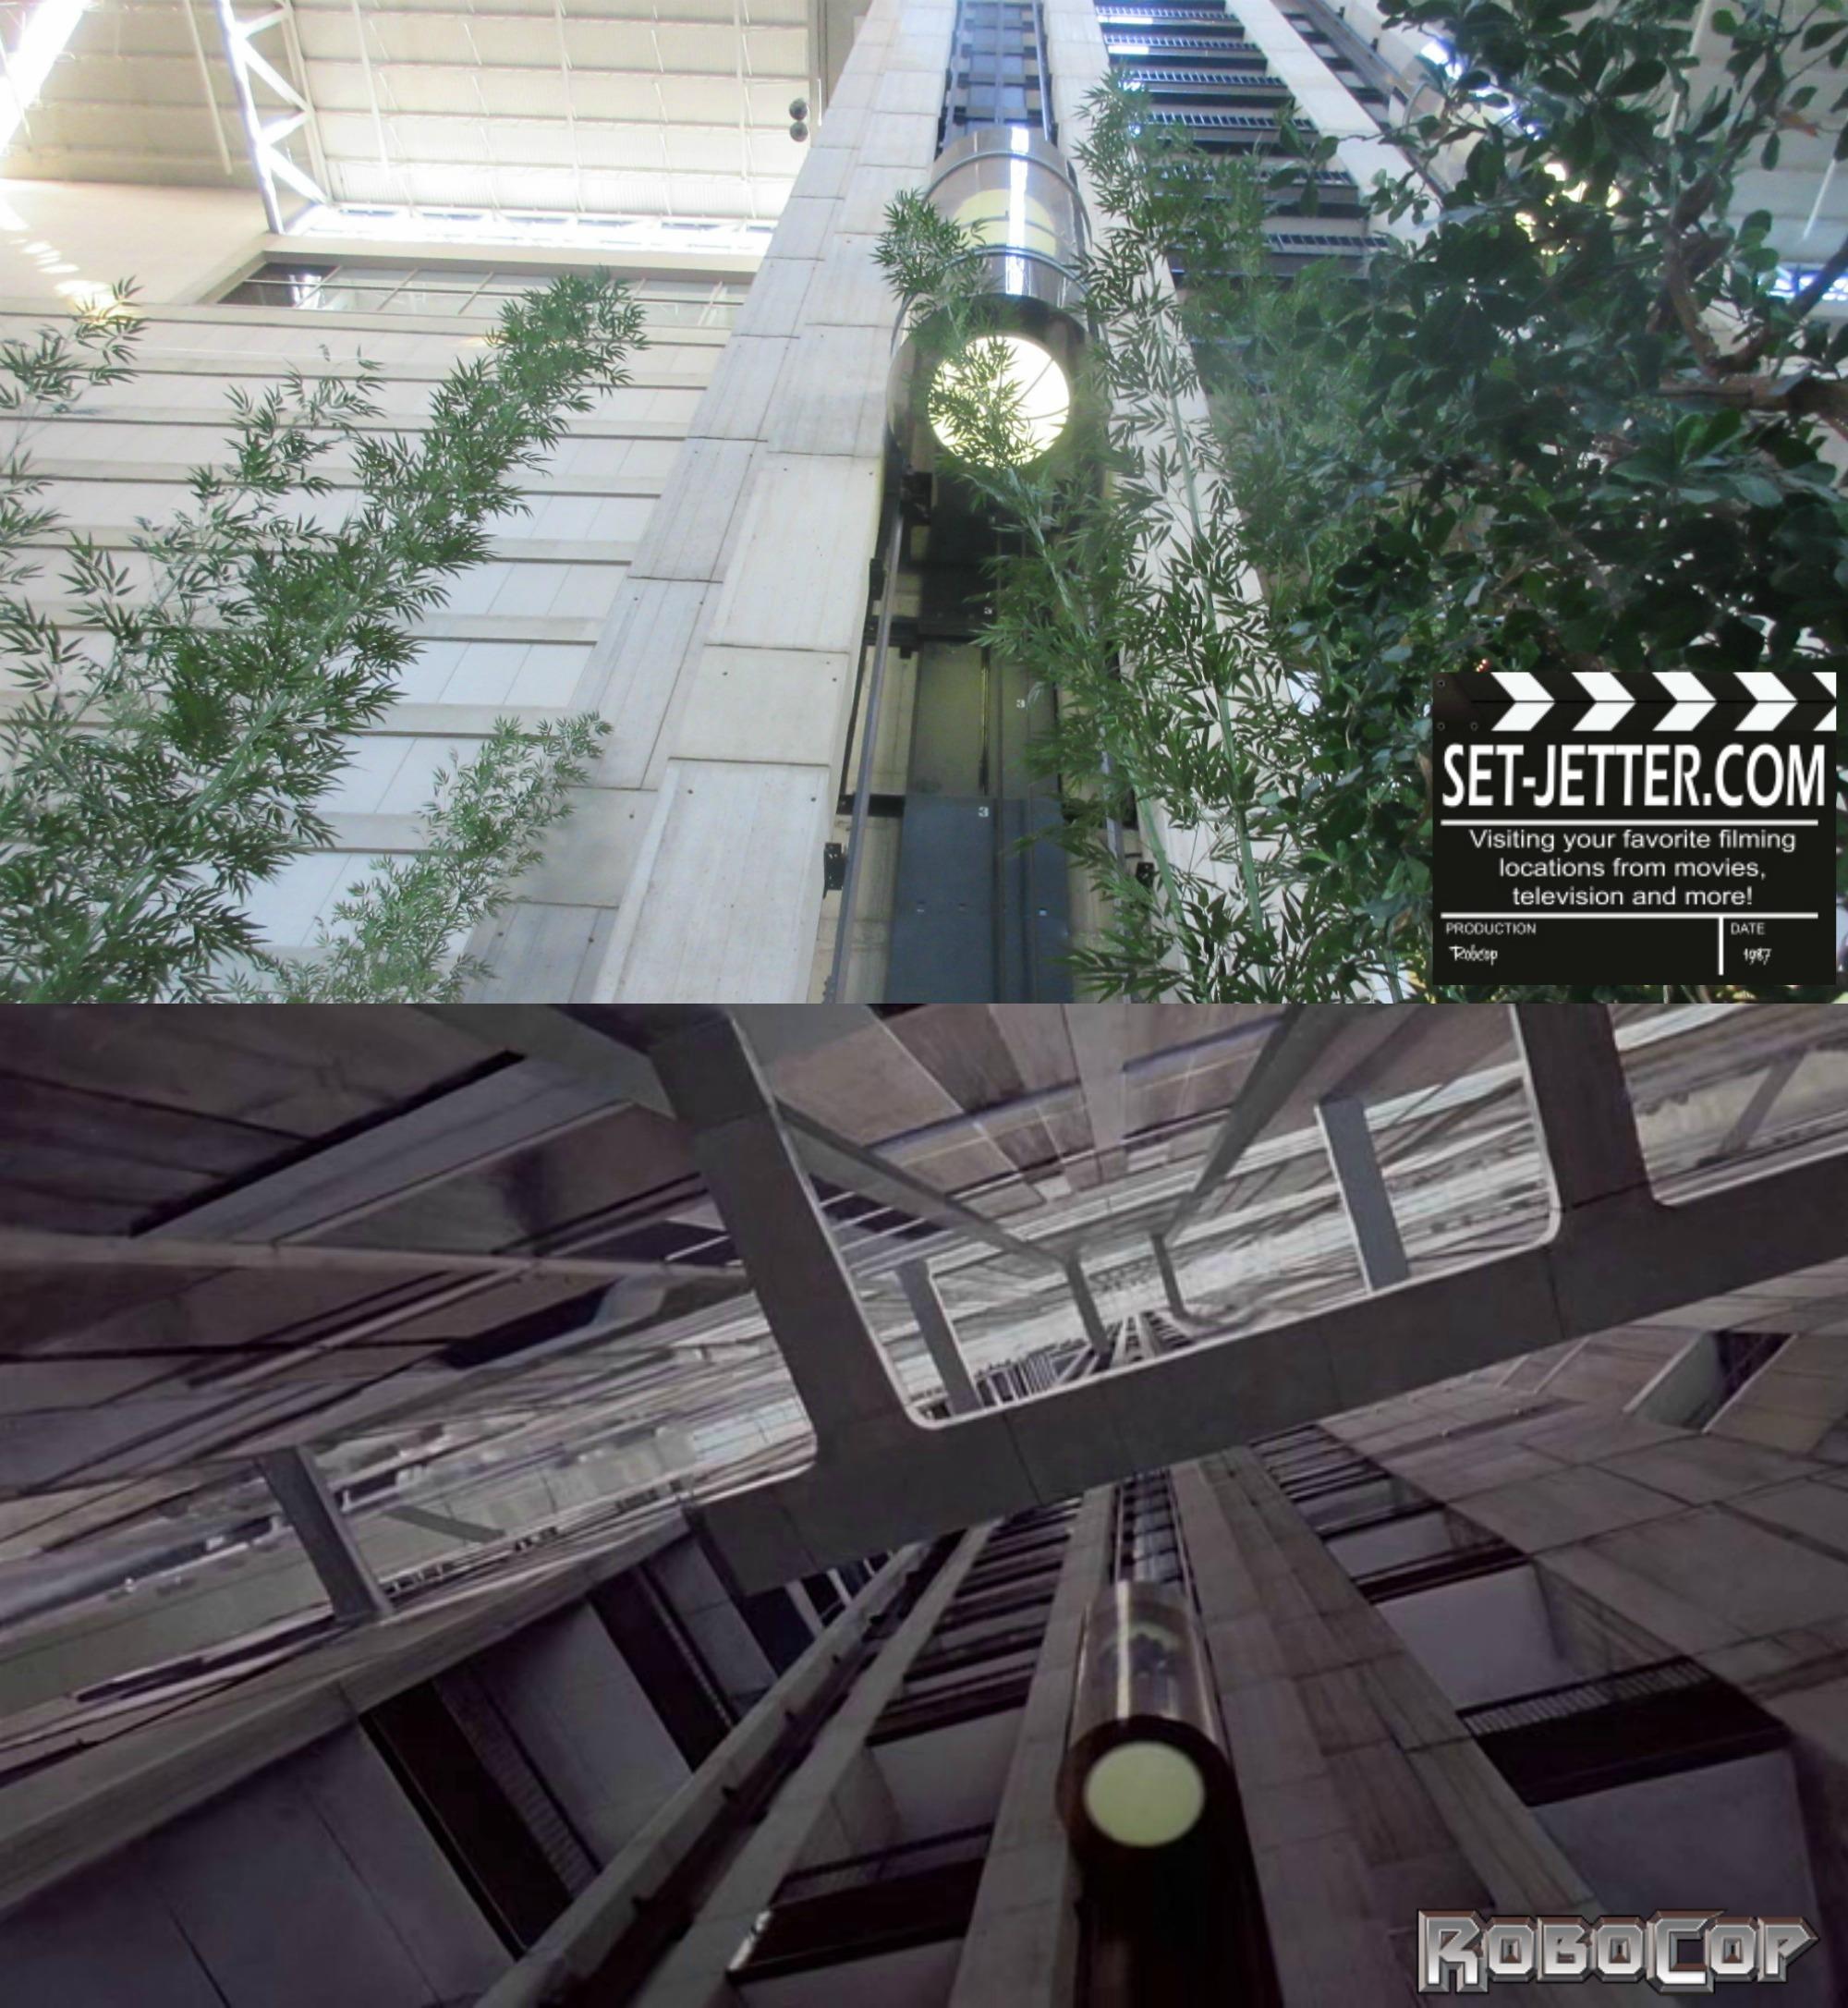 Robocop comparison 22.jpg